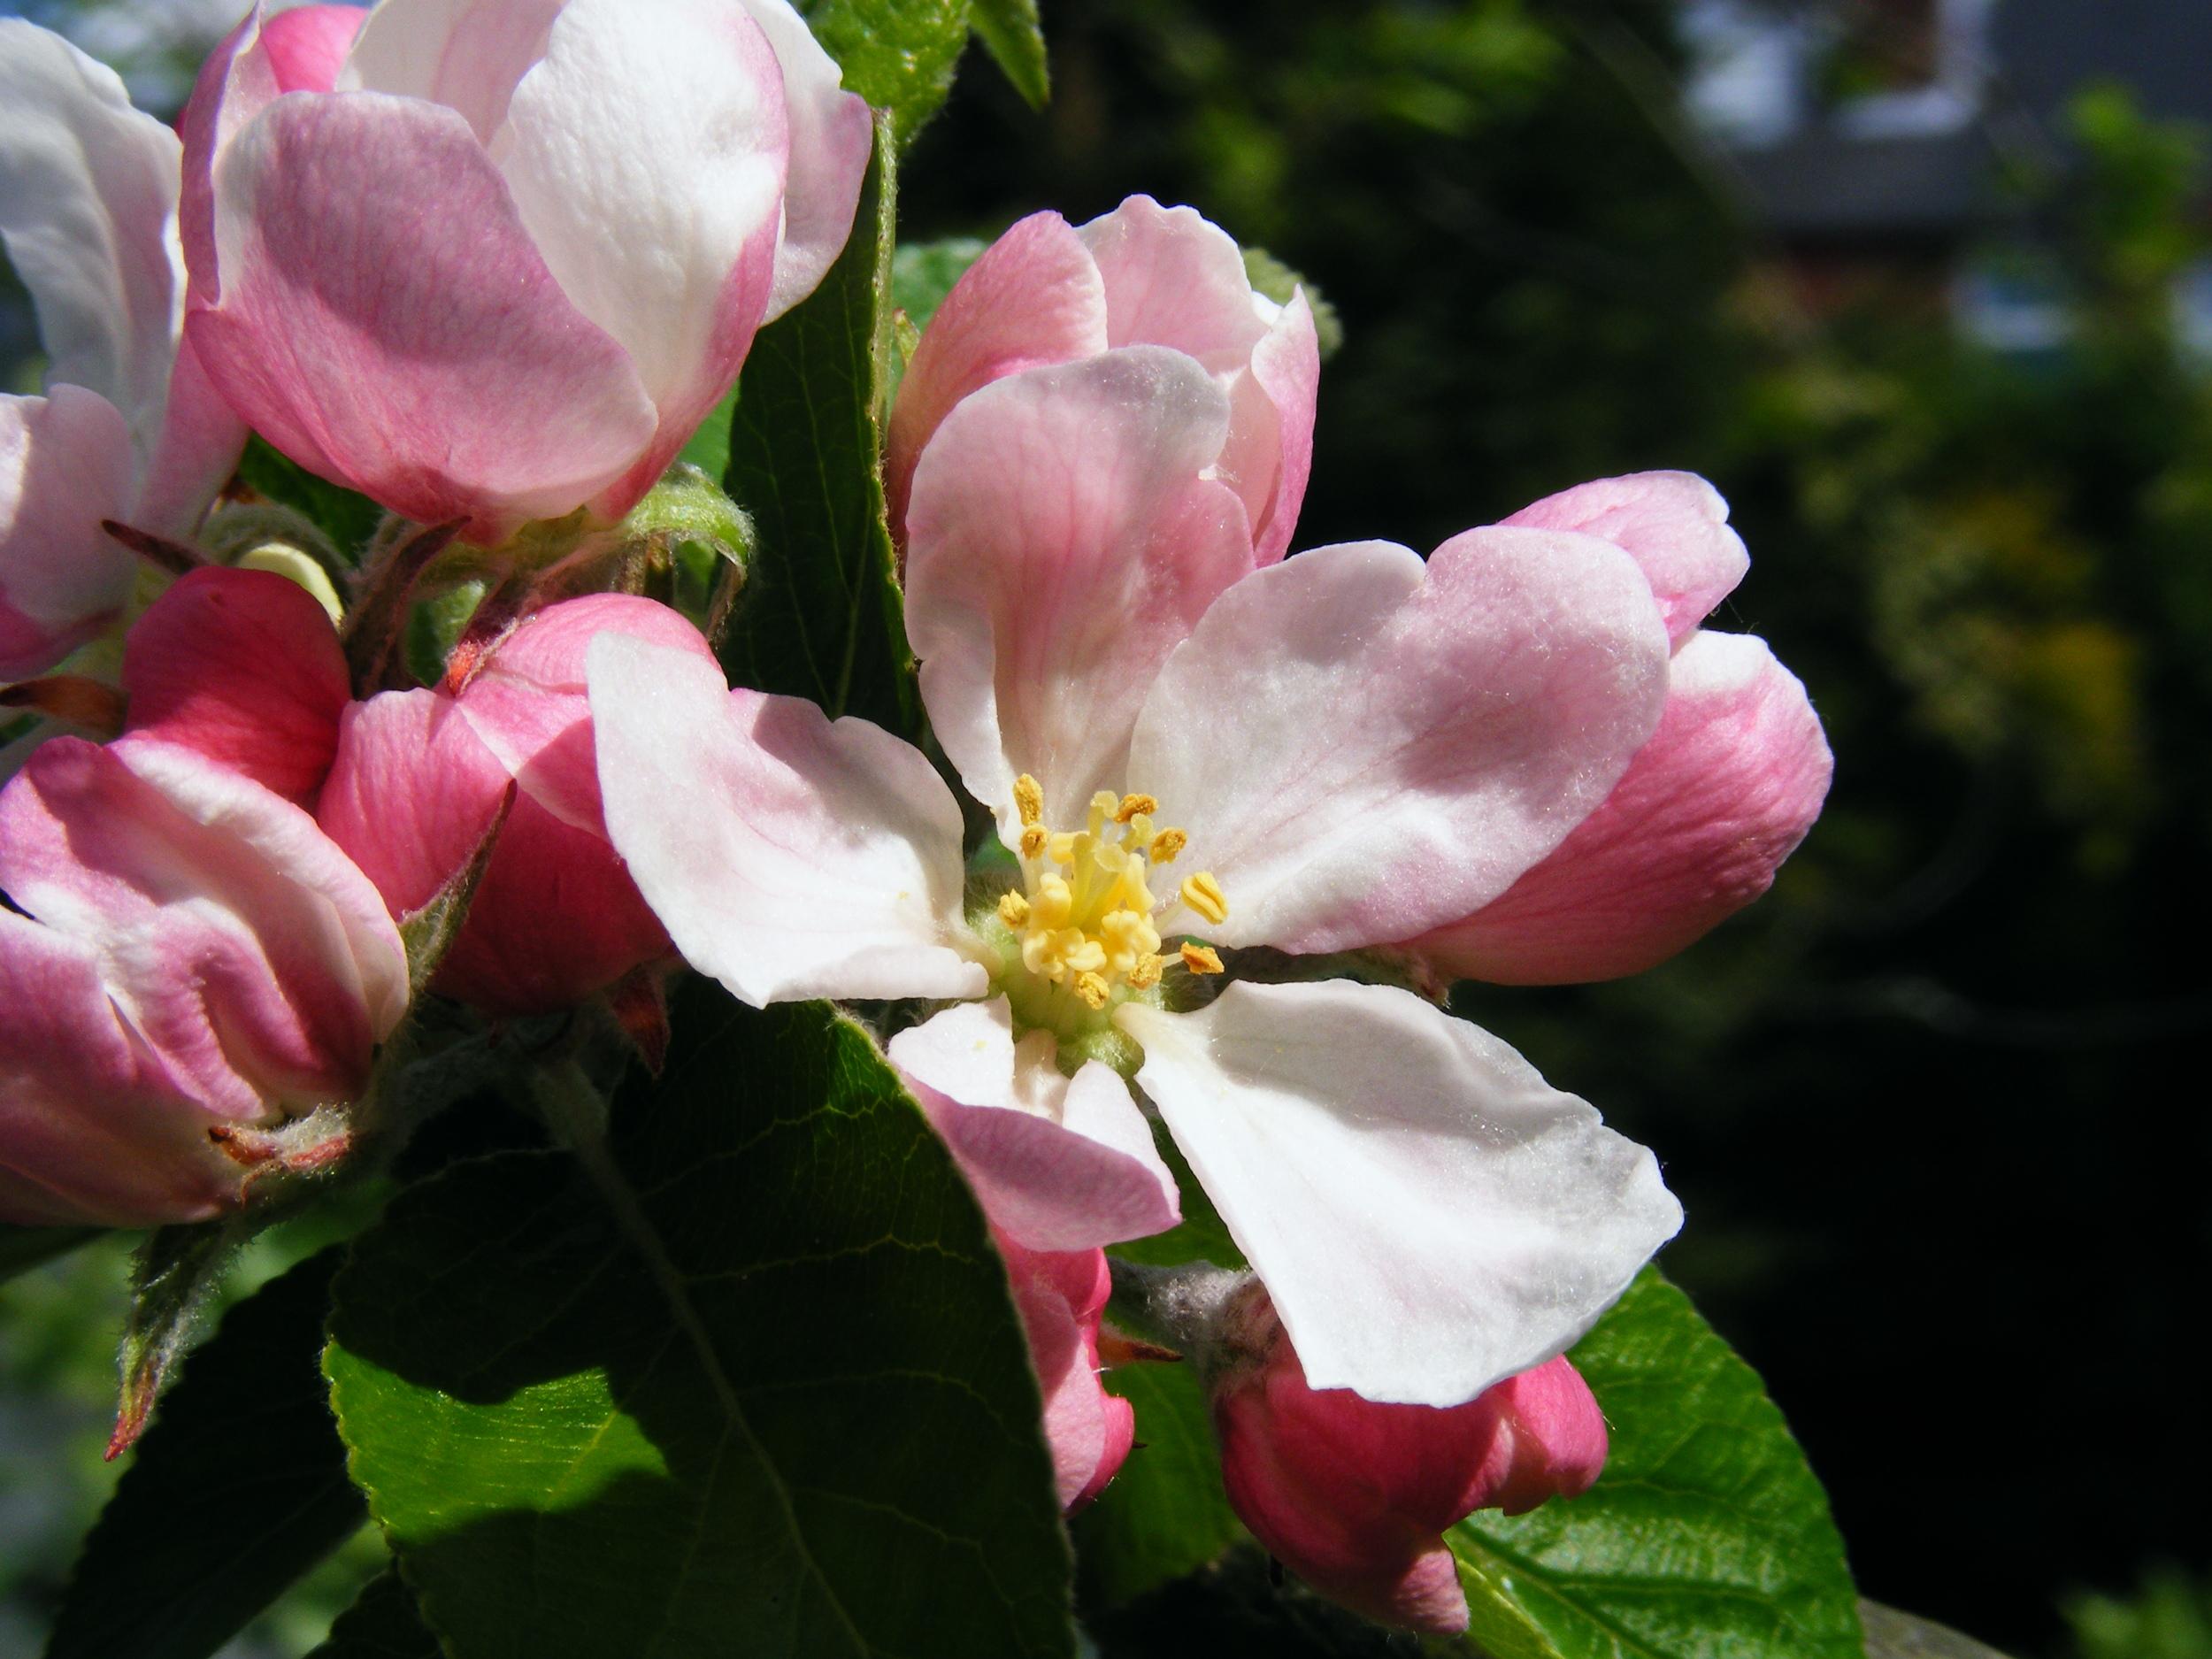 Apple_blossom_01.jpg